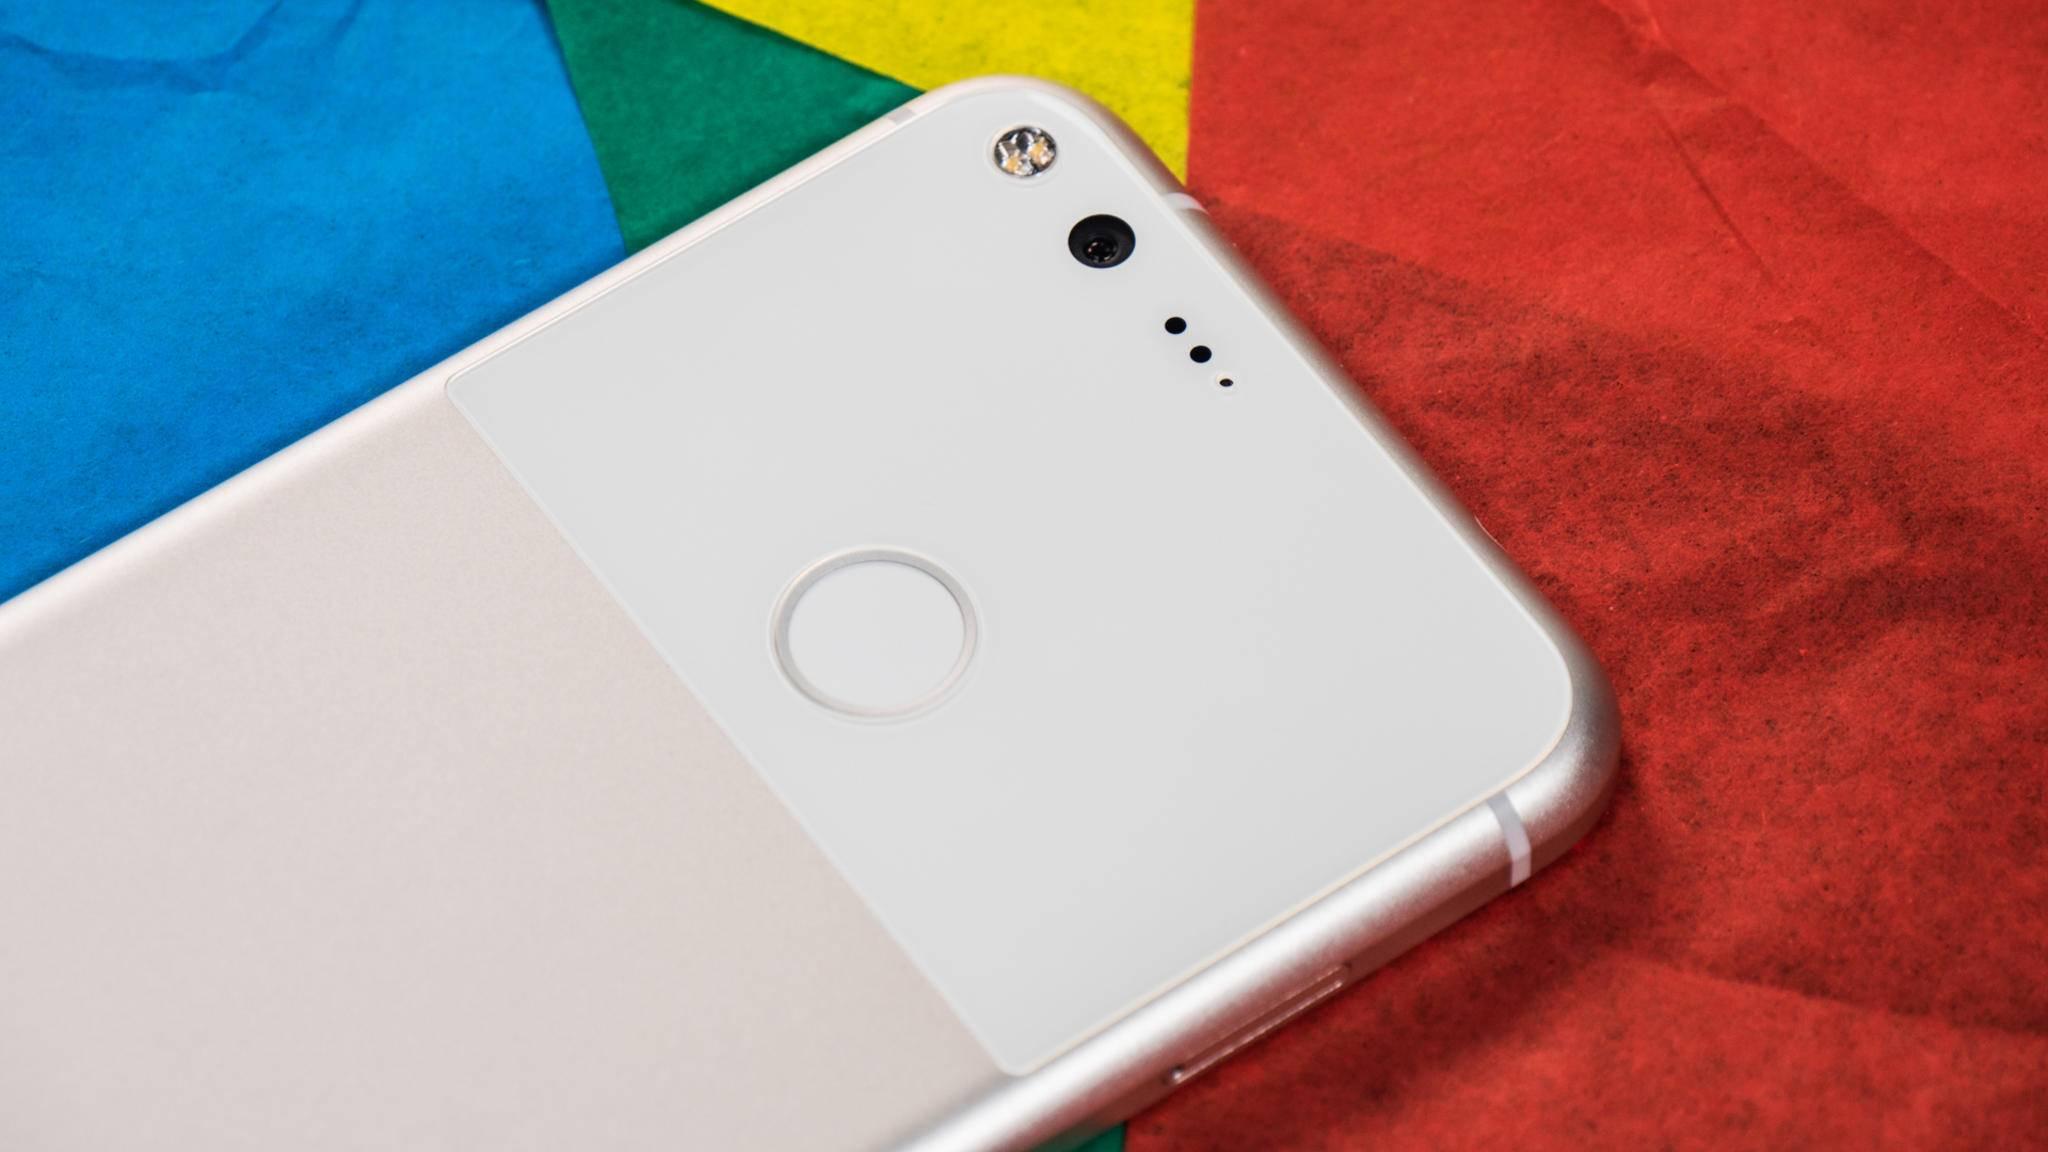 Die Fingerabdruckscanner-Gesten des Pixel Phones kannst Du auch auf anderen Android-Smartphones nutzen.